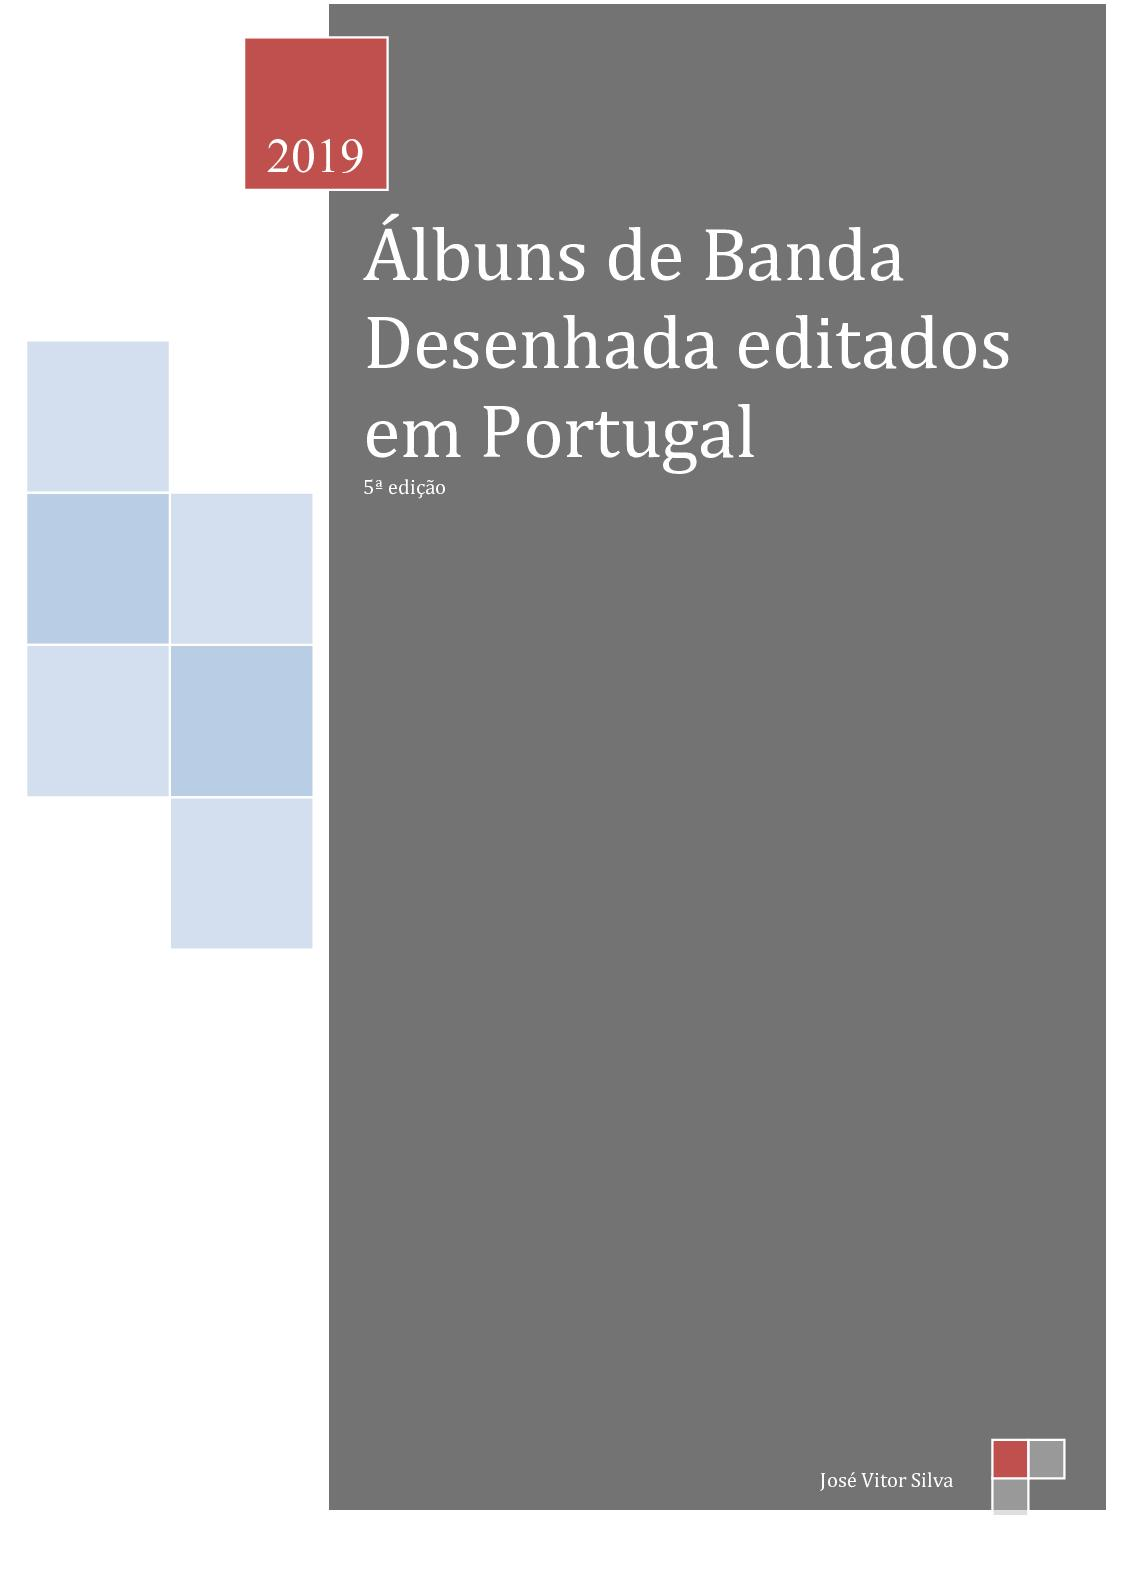 Calaméo - Álbuns de BD editados em Portugal  edição 2019  71b9d0708575a